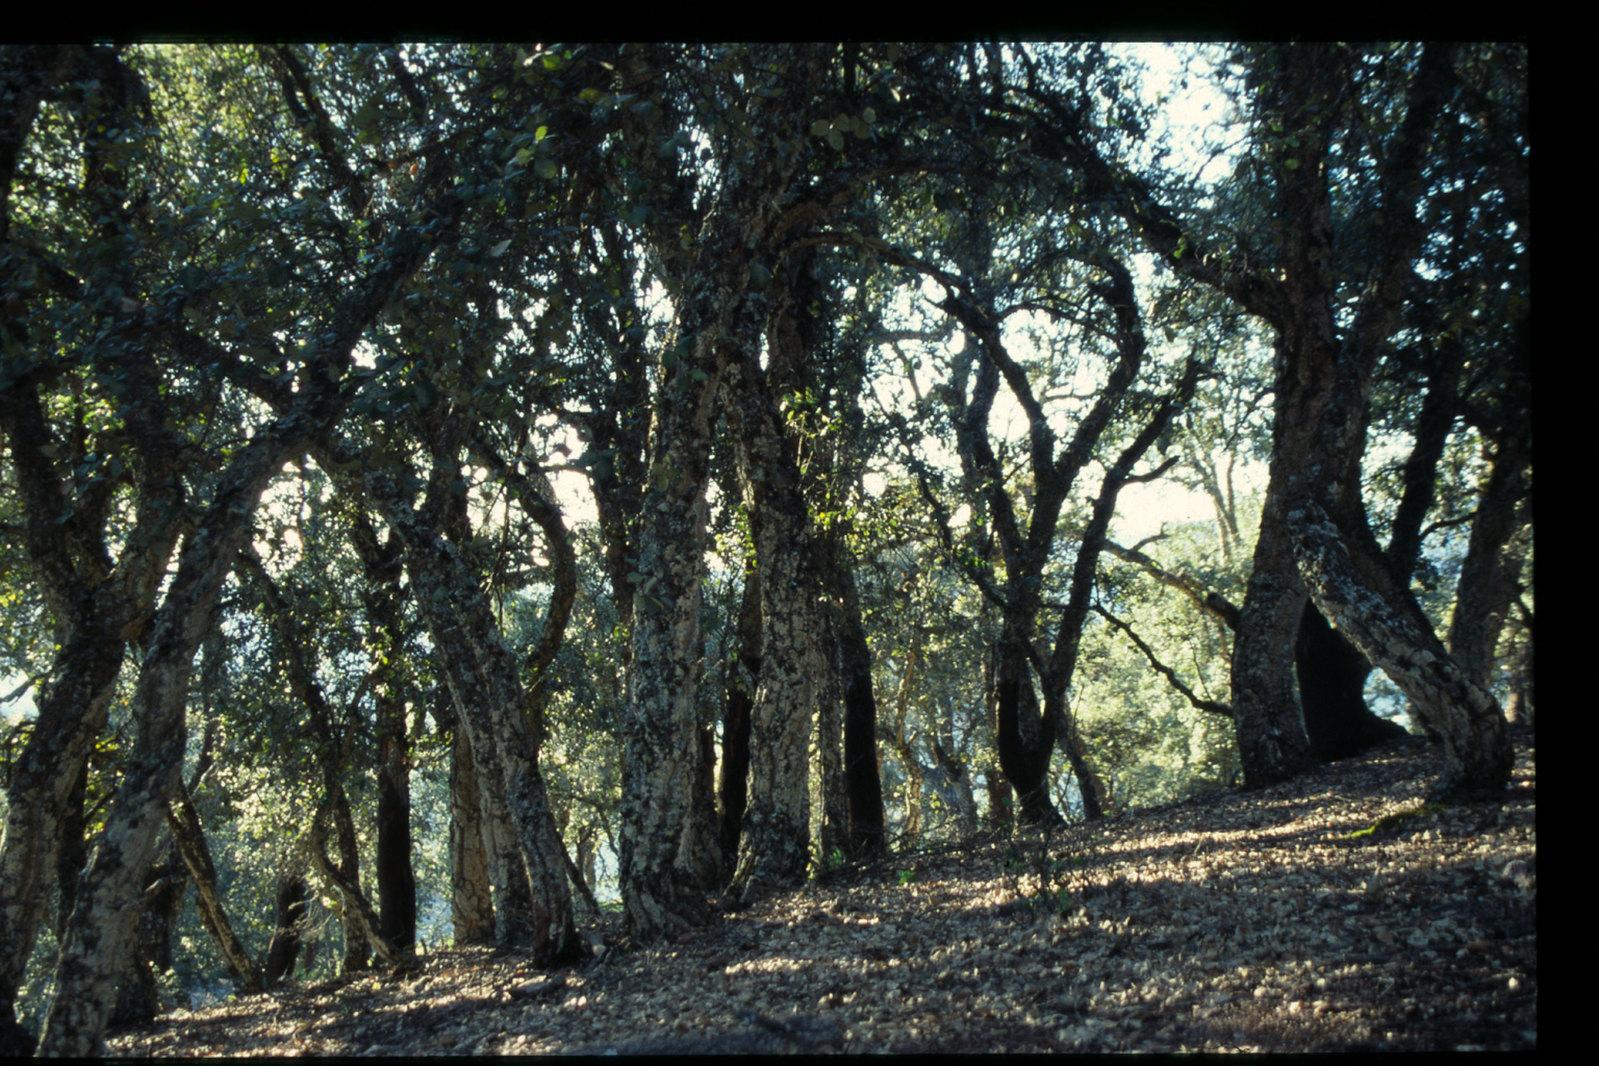 Maroc oriental - Forêt de chênes du Rif